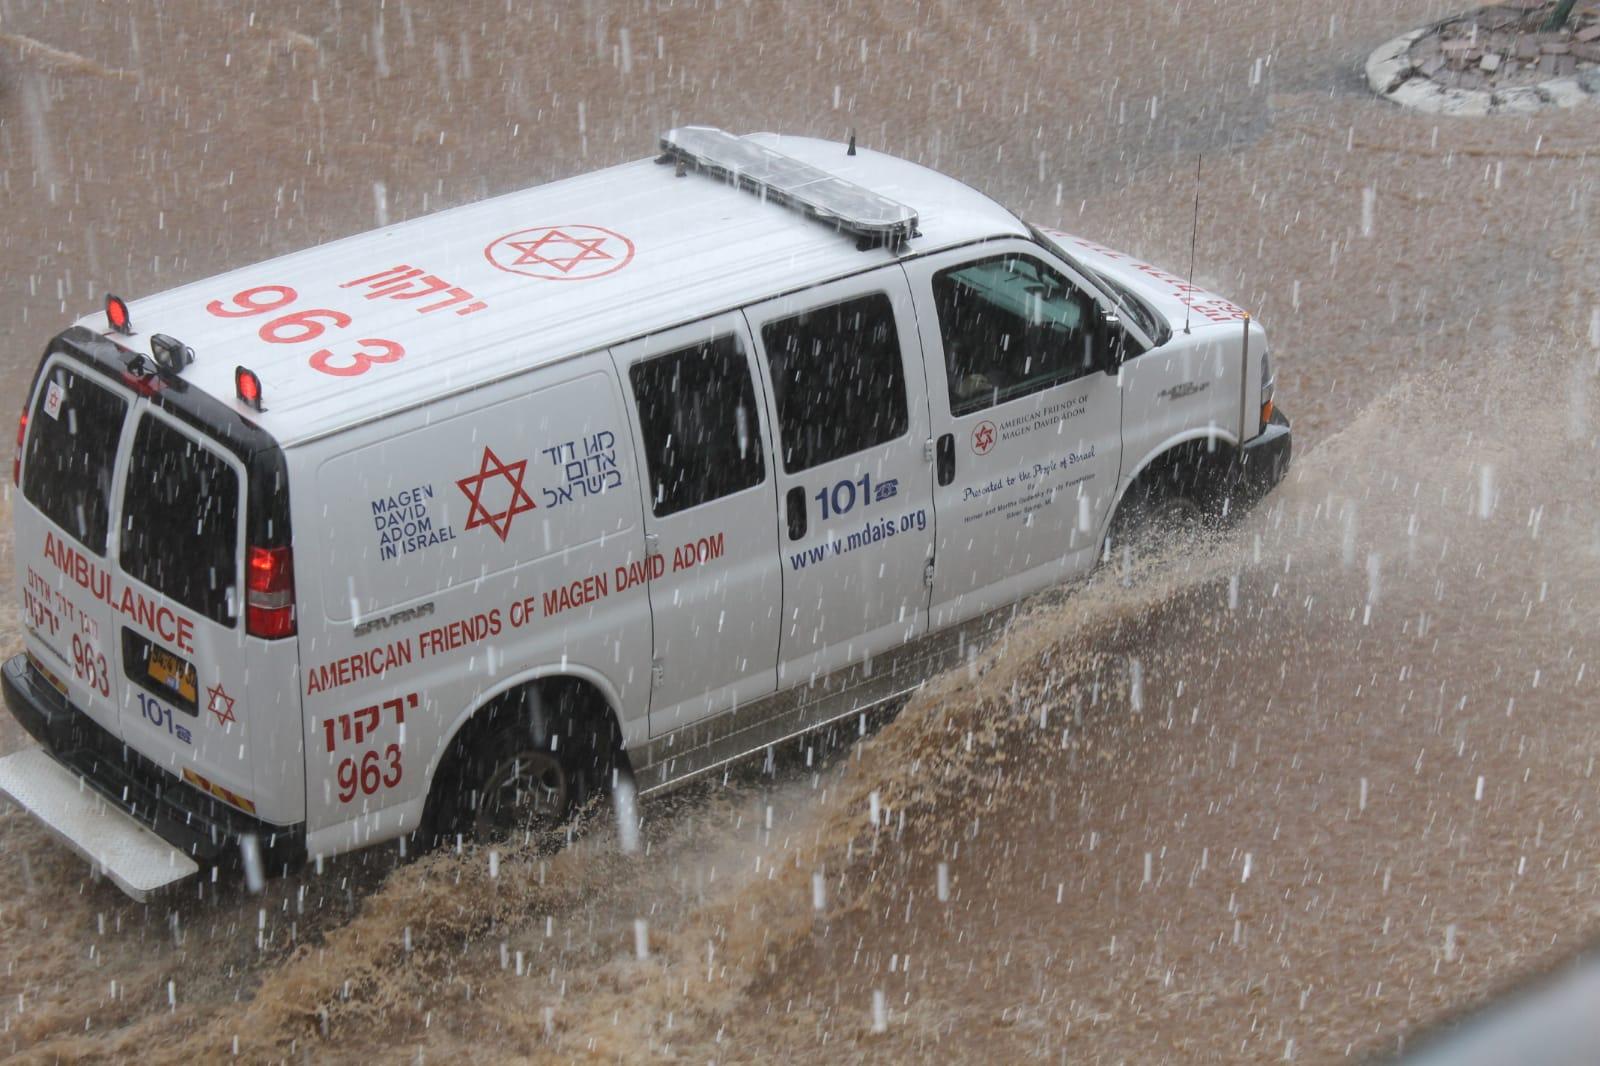 הגשם הראשון כבר כאן: מדריך מגן דוד אדום לחורף